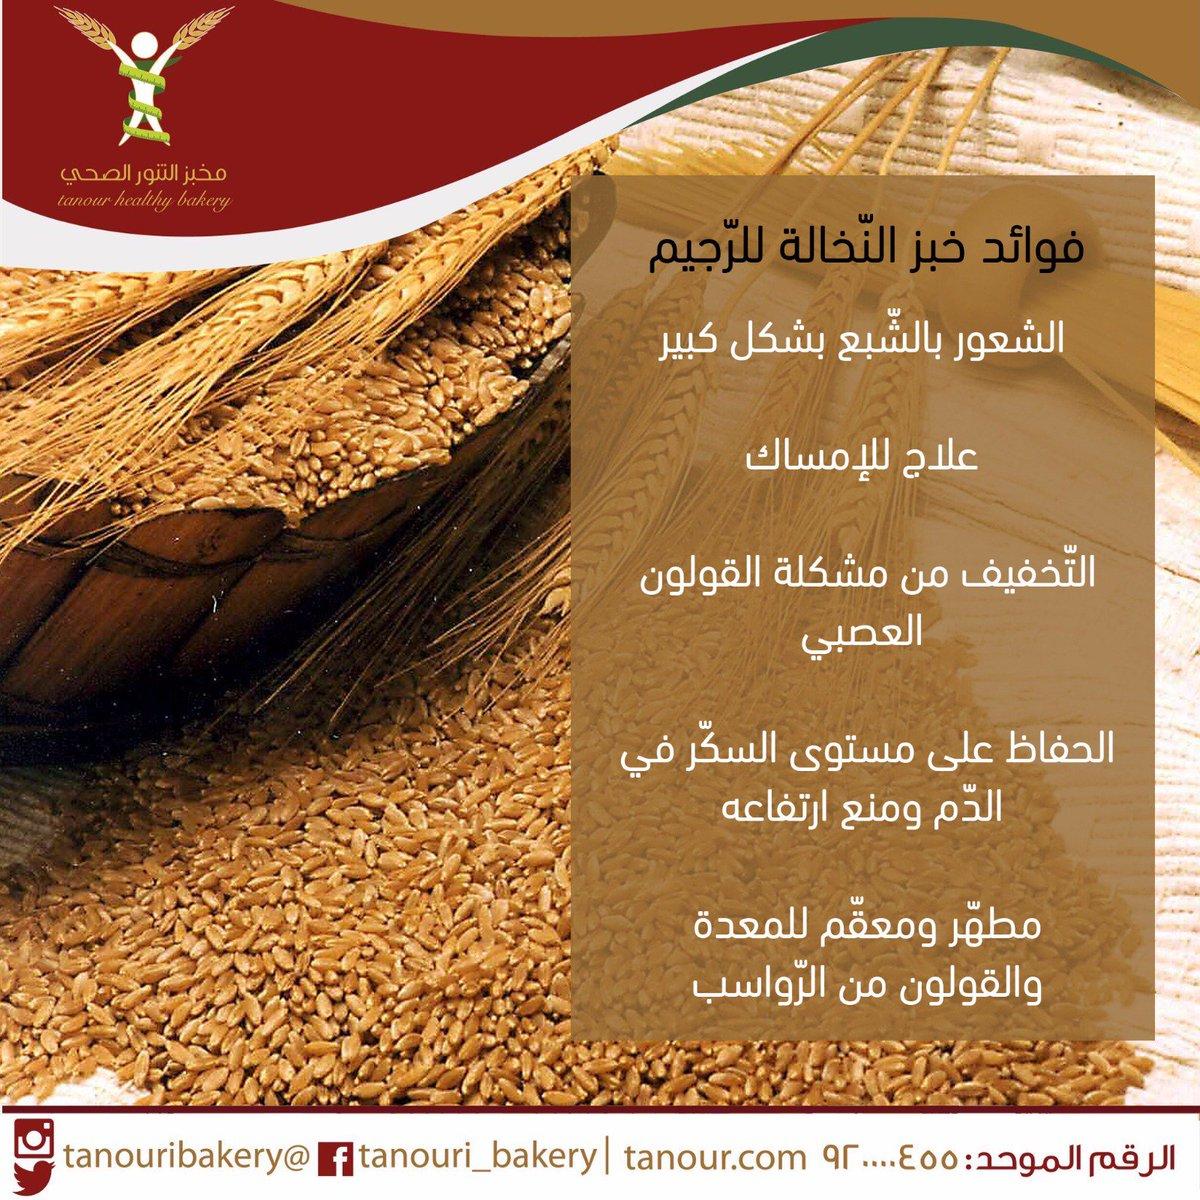 مخبز التنور الصحي Sur Twitter تعرفوا على فوائد النخالة للرجيم مع خبز التنور الصحي